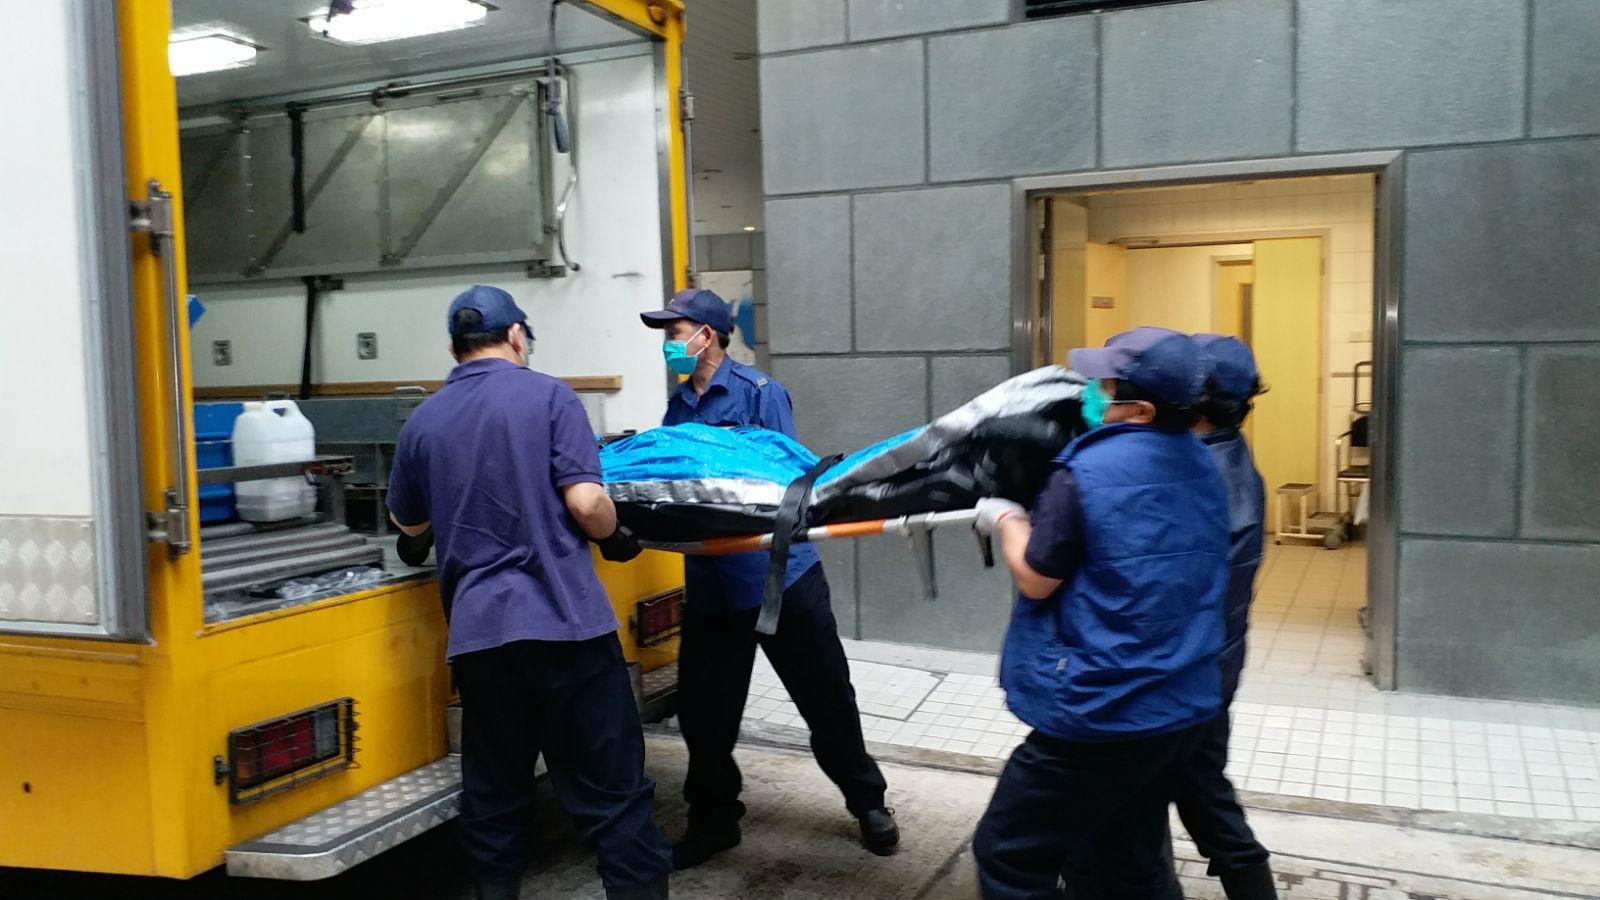 仵工下午到場將遺體運走。 李子平攝